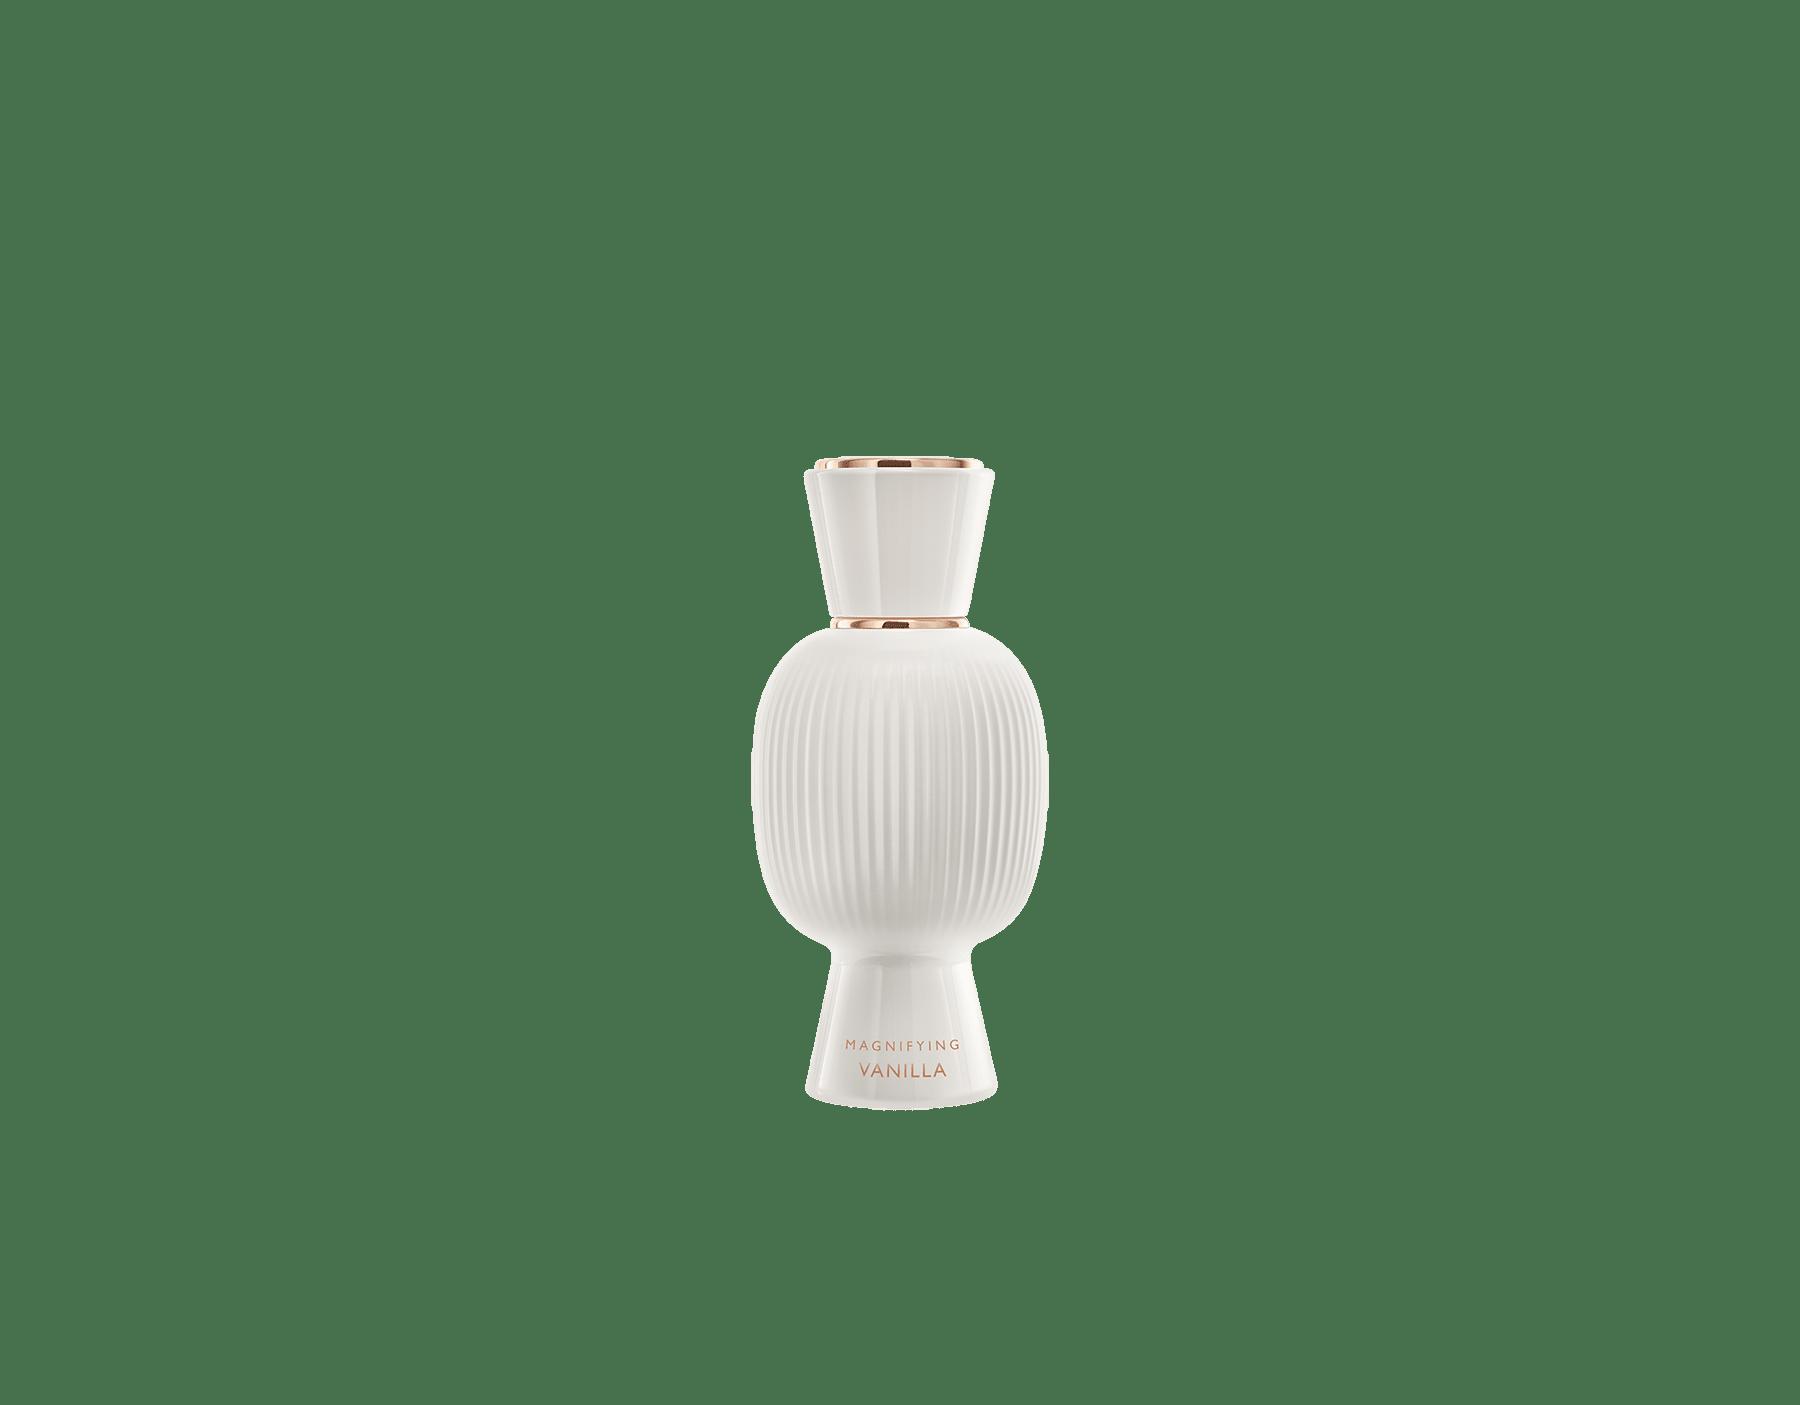 Эксклюзивный парфюмерный набор, вам под стать – такой же смелый и уникальный. В сочетании искрящихся цитрусовых нот парфюмерной воды Riva Solare Allegra и соблазнительного благоухания эссенции Magnifying Vanilla рождается неотразимый женский аромат с индивидуальным характером.  Perfume-Set-Riva-Solare-Eau-de-Parfum-and-Vanilla-Magnifying image 3